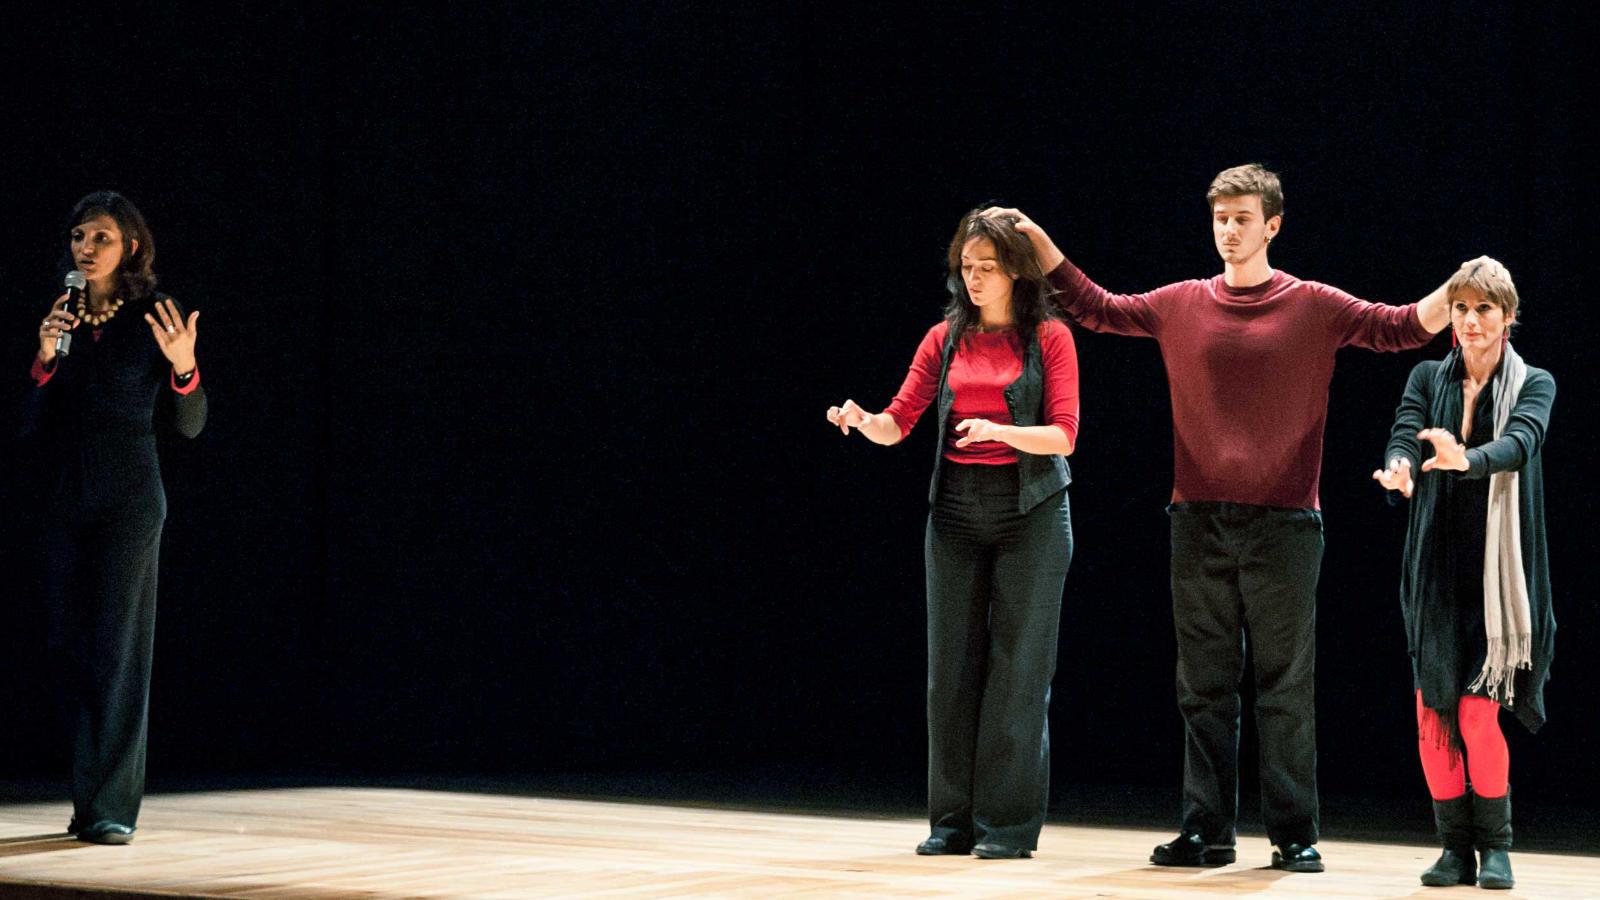 Training on Forum Theatre, Image: Parteciparte